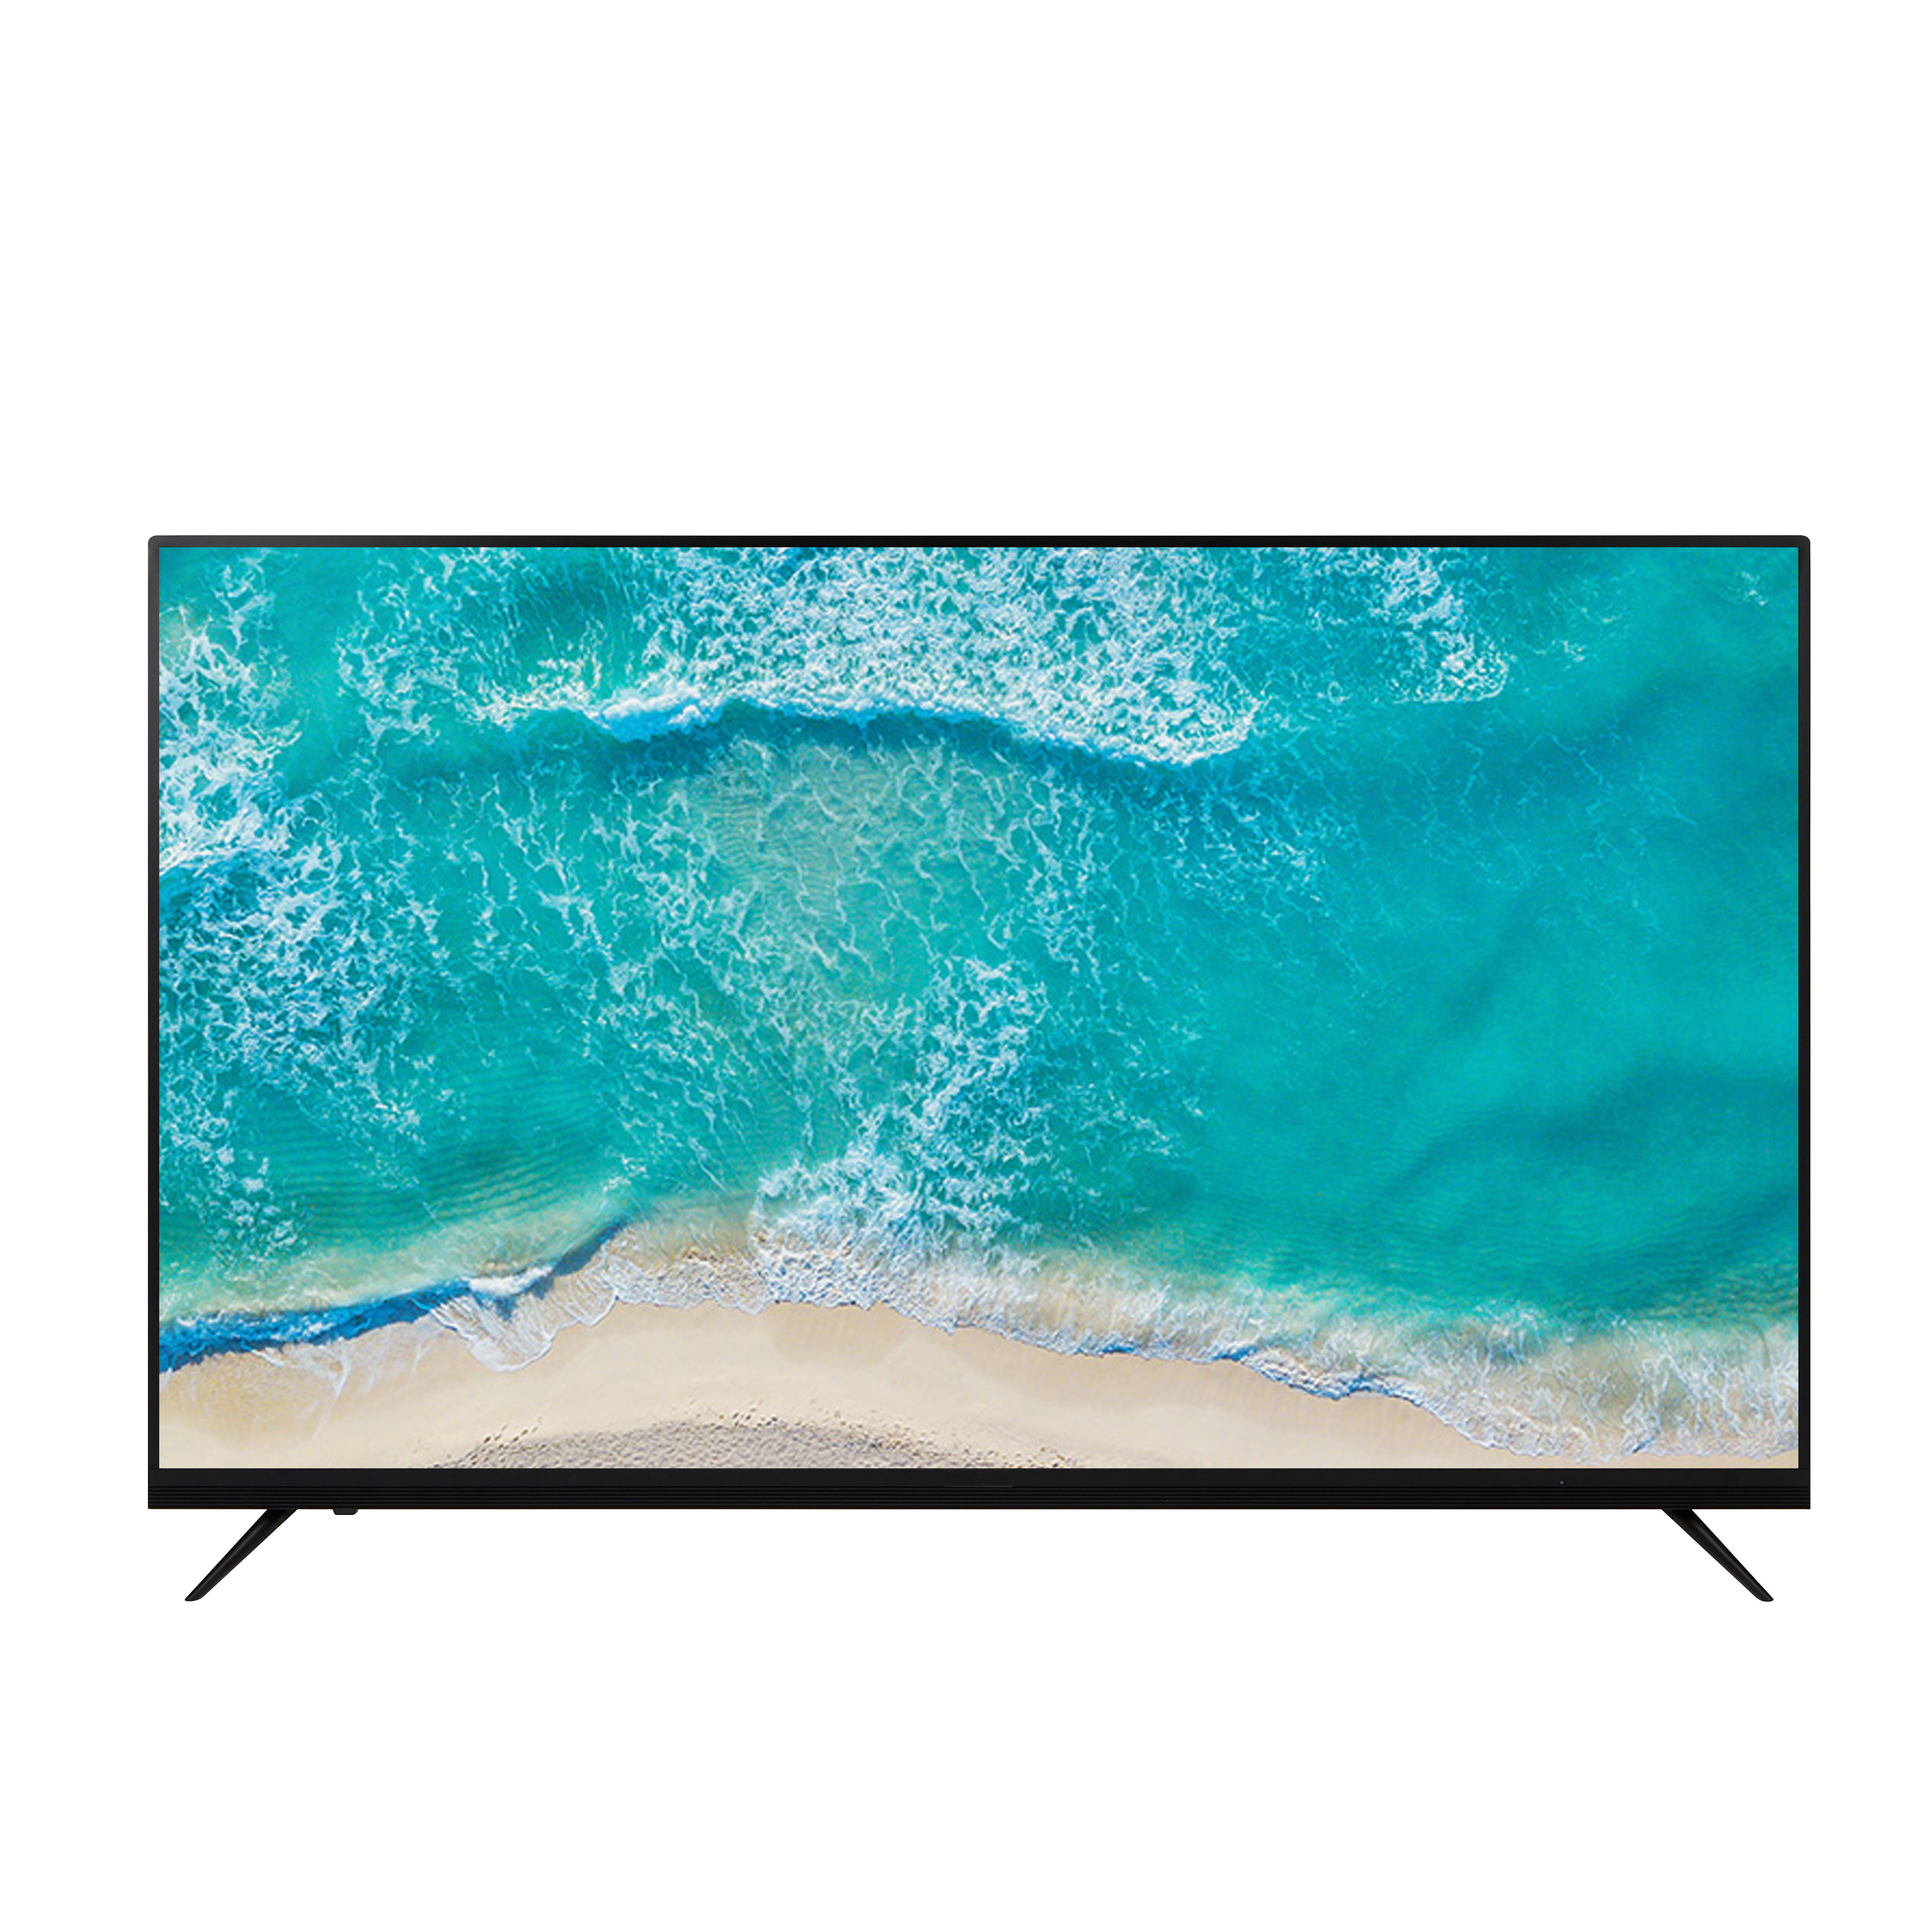 트루비 4K UHD 164cm 스마트 안드로이드 TV IS651UHD Android HDR + 블루투스 리모콘, 방문설치 (POP 1856841909)